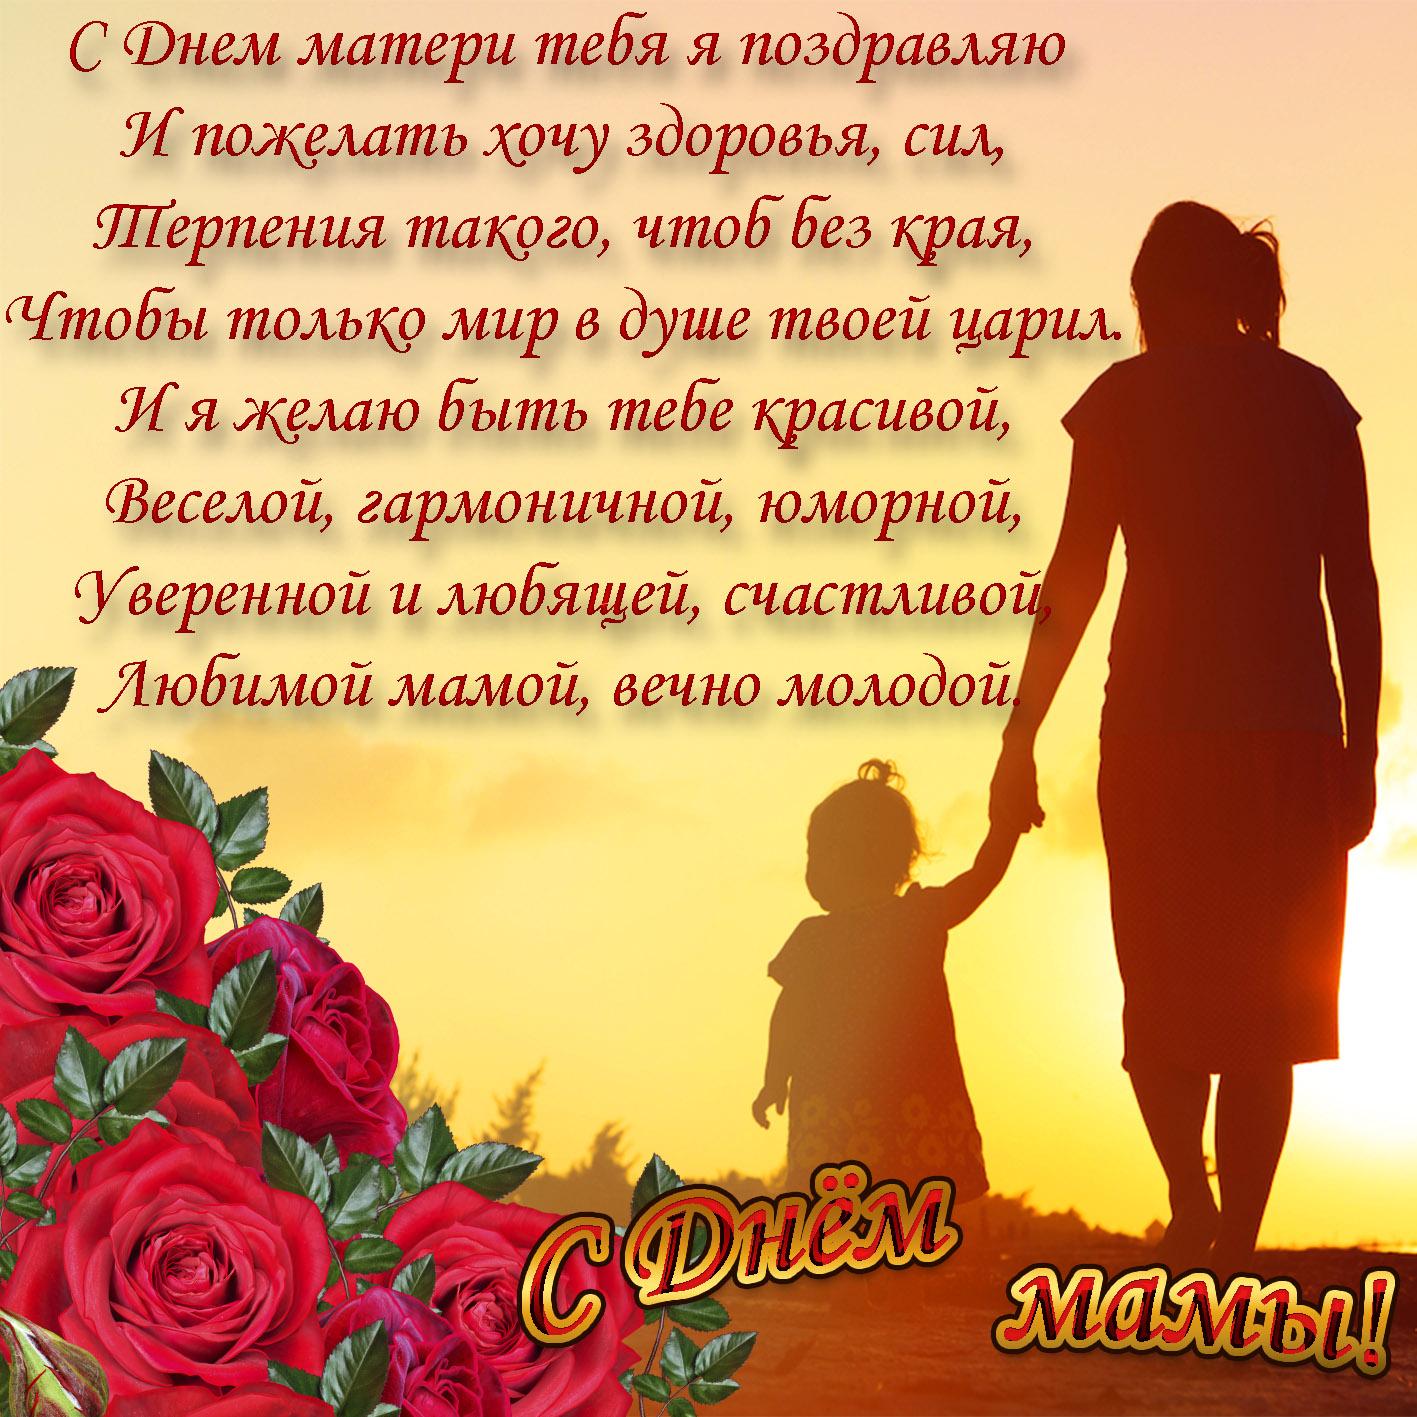 Открытки поздравления с днем матери женщинам, открытки добрым утром